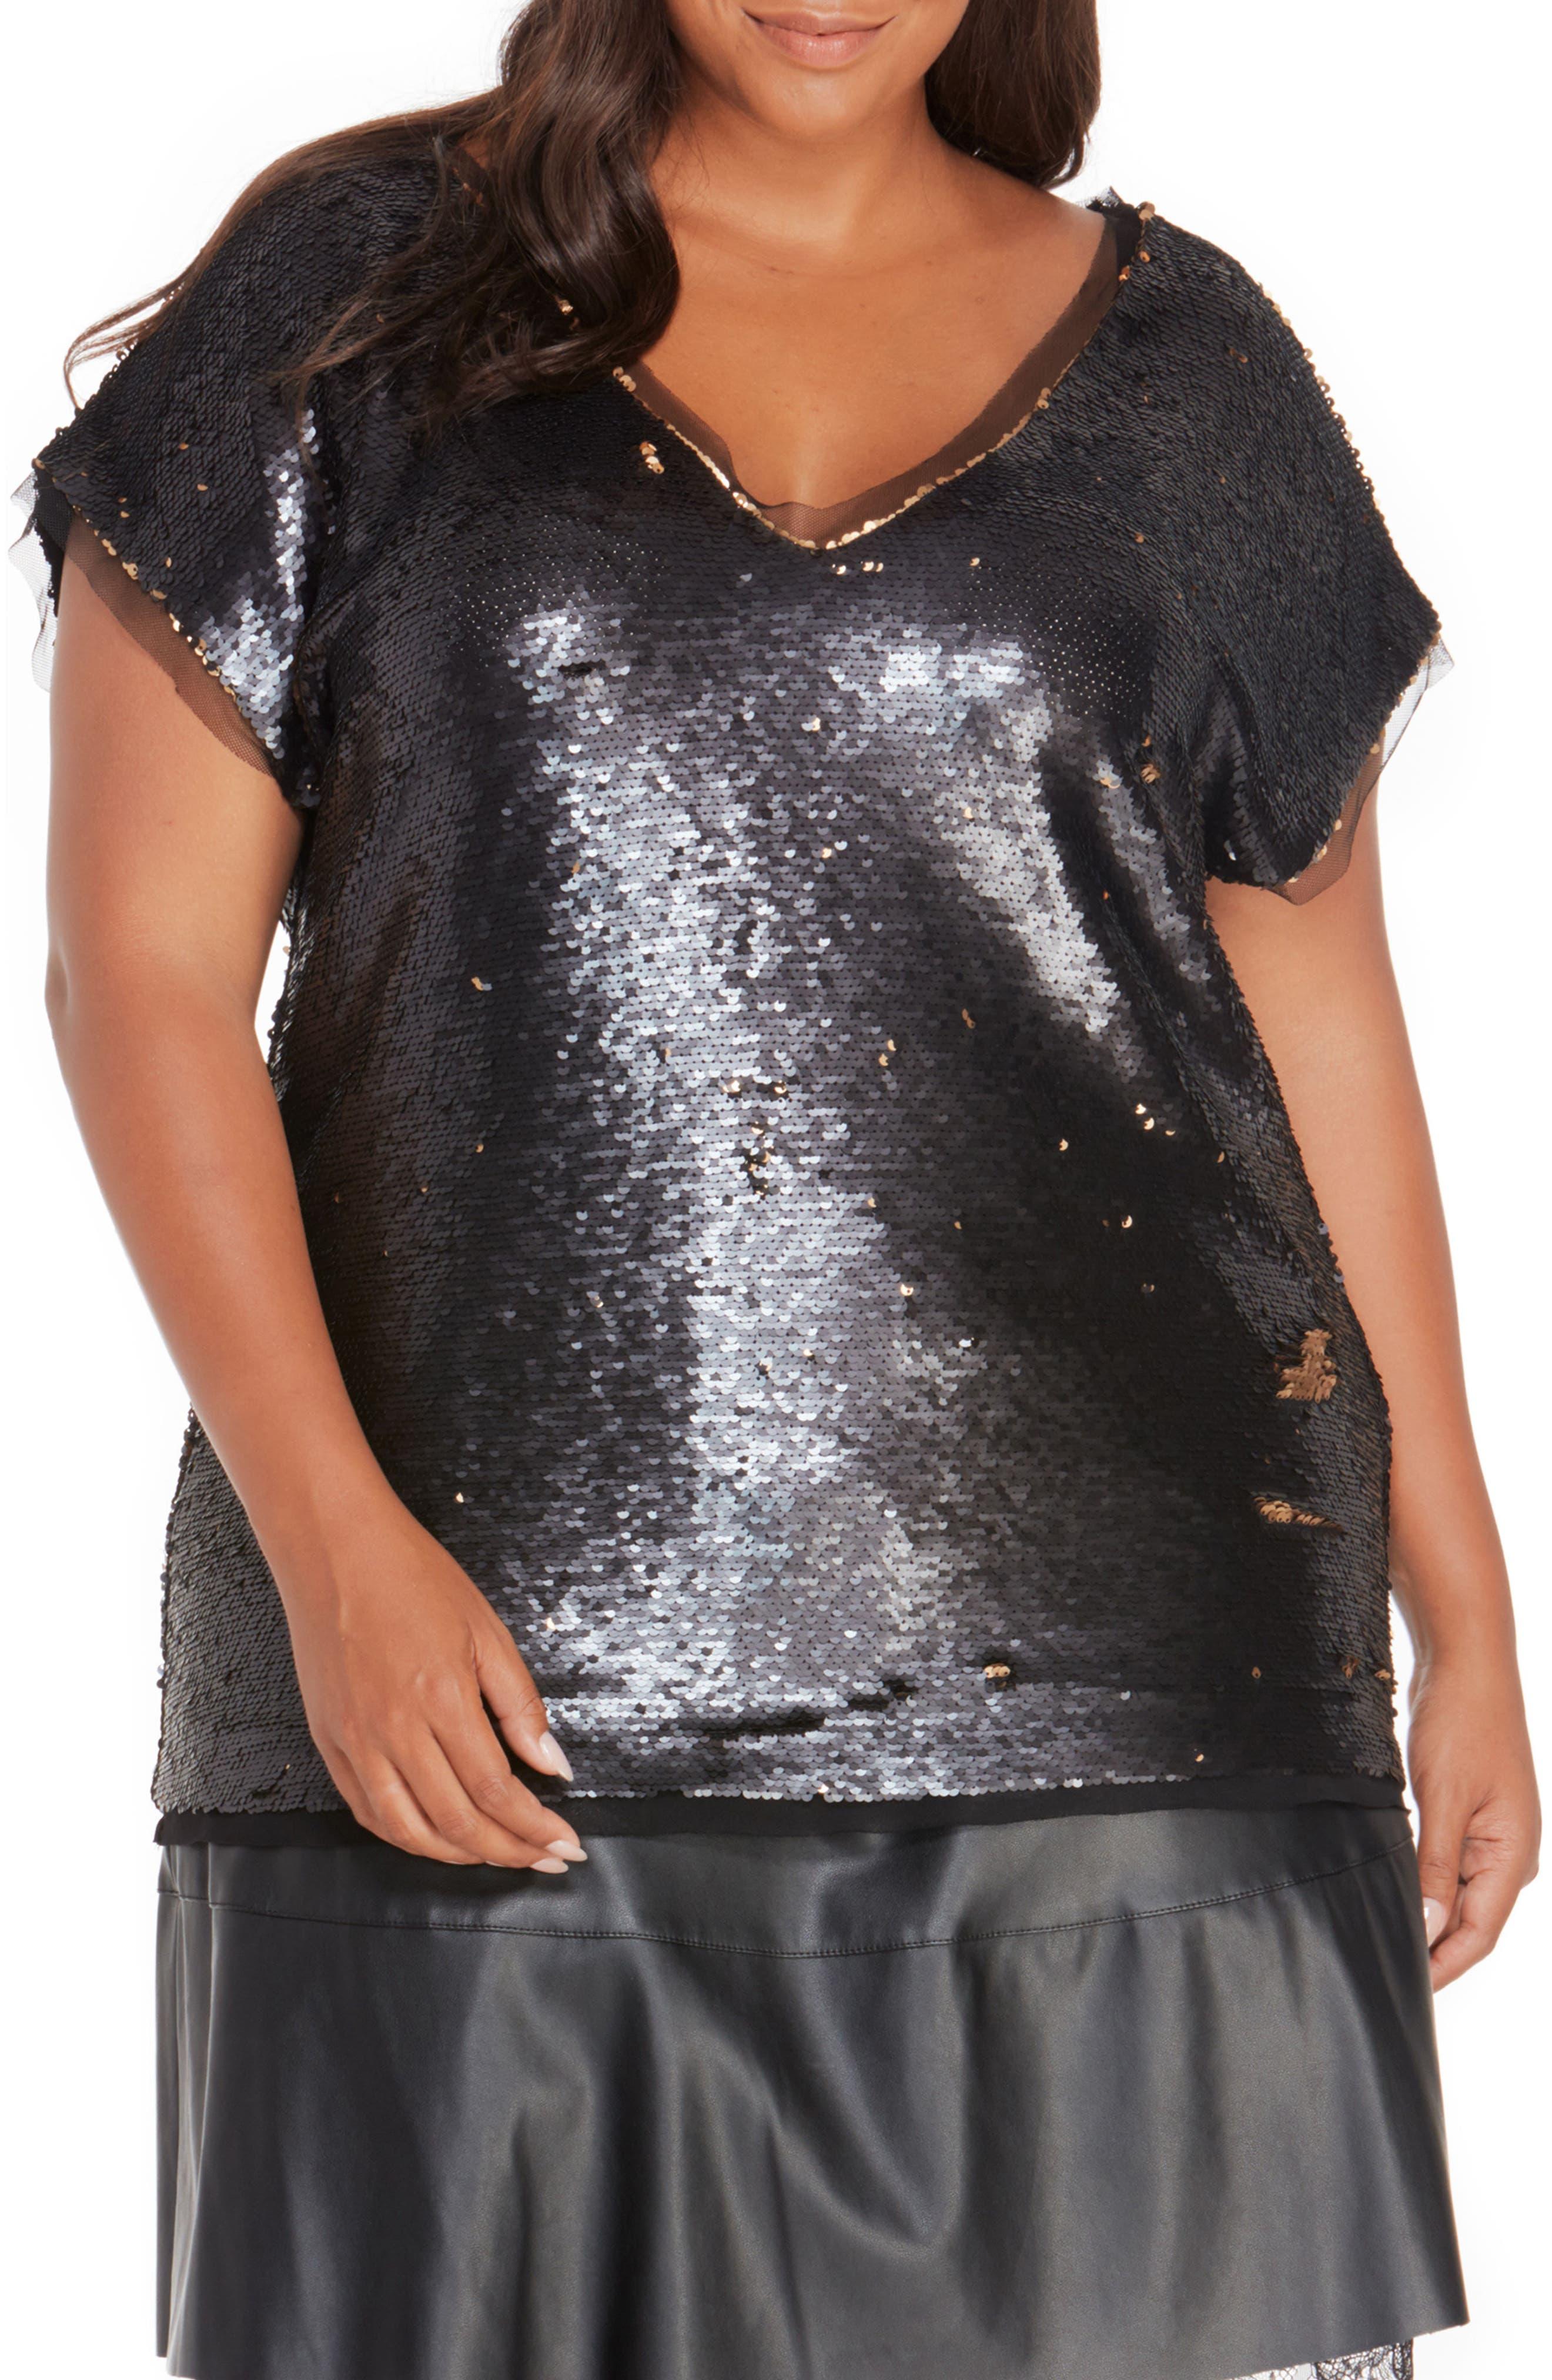 REBEL WILSON X ANGELS Sequin & Mesh Top (Plus Size)